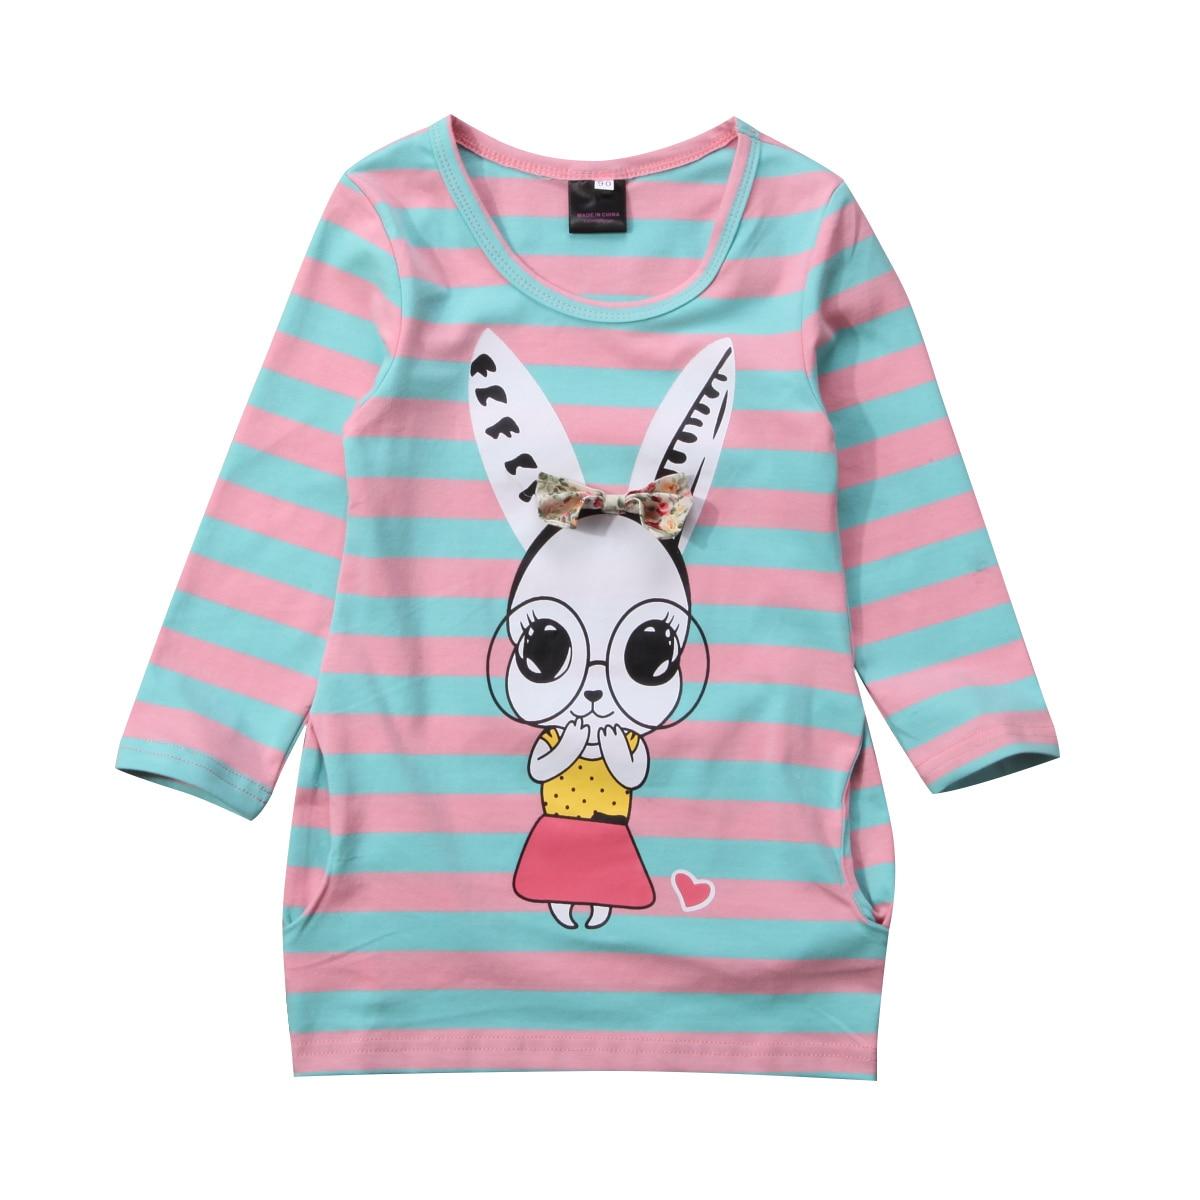 Мультфильм Дети для маленьких девочек кролика Футболка Топ в полоску с бантом Хлопковое платье наряды одежда От 2 до 7 лет